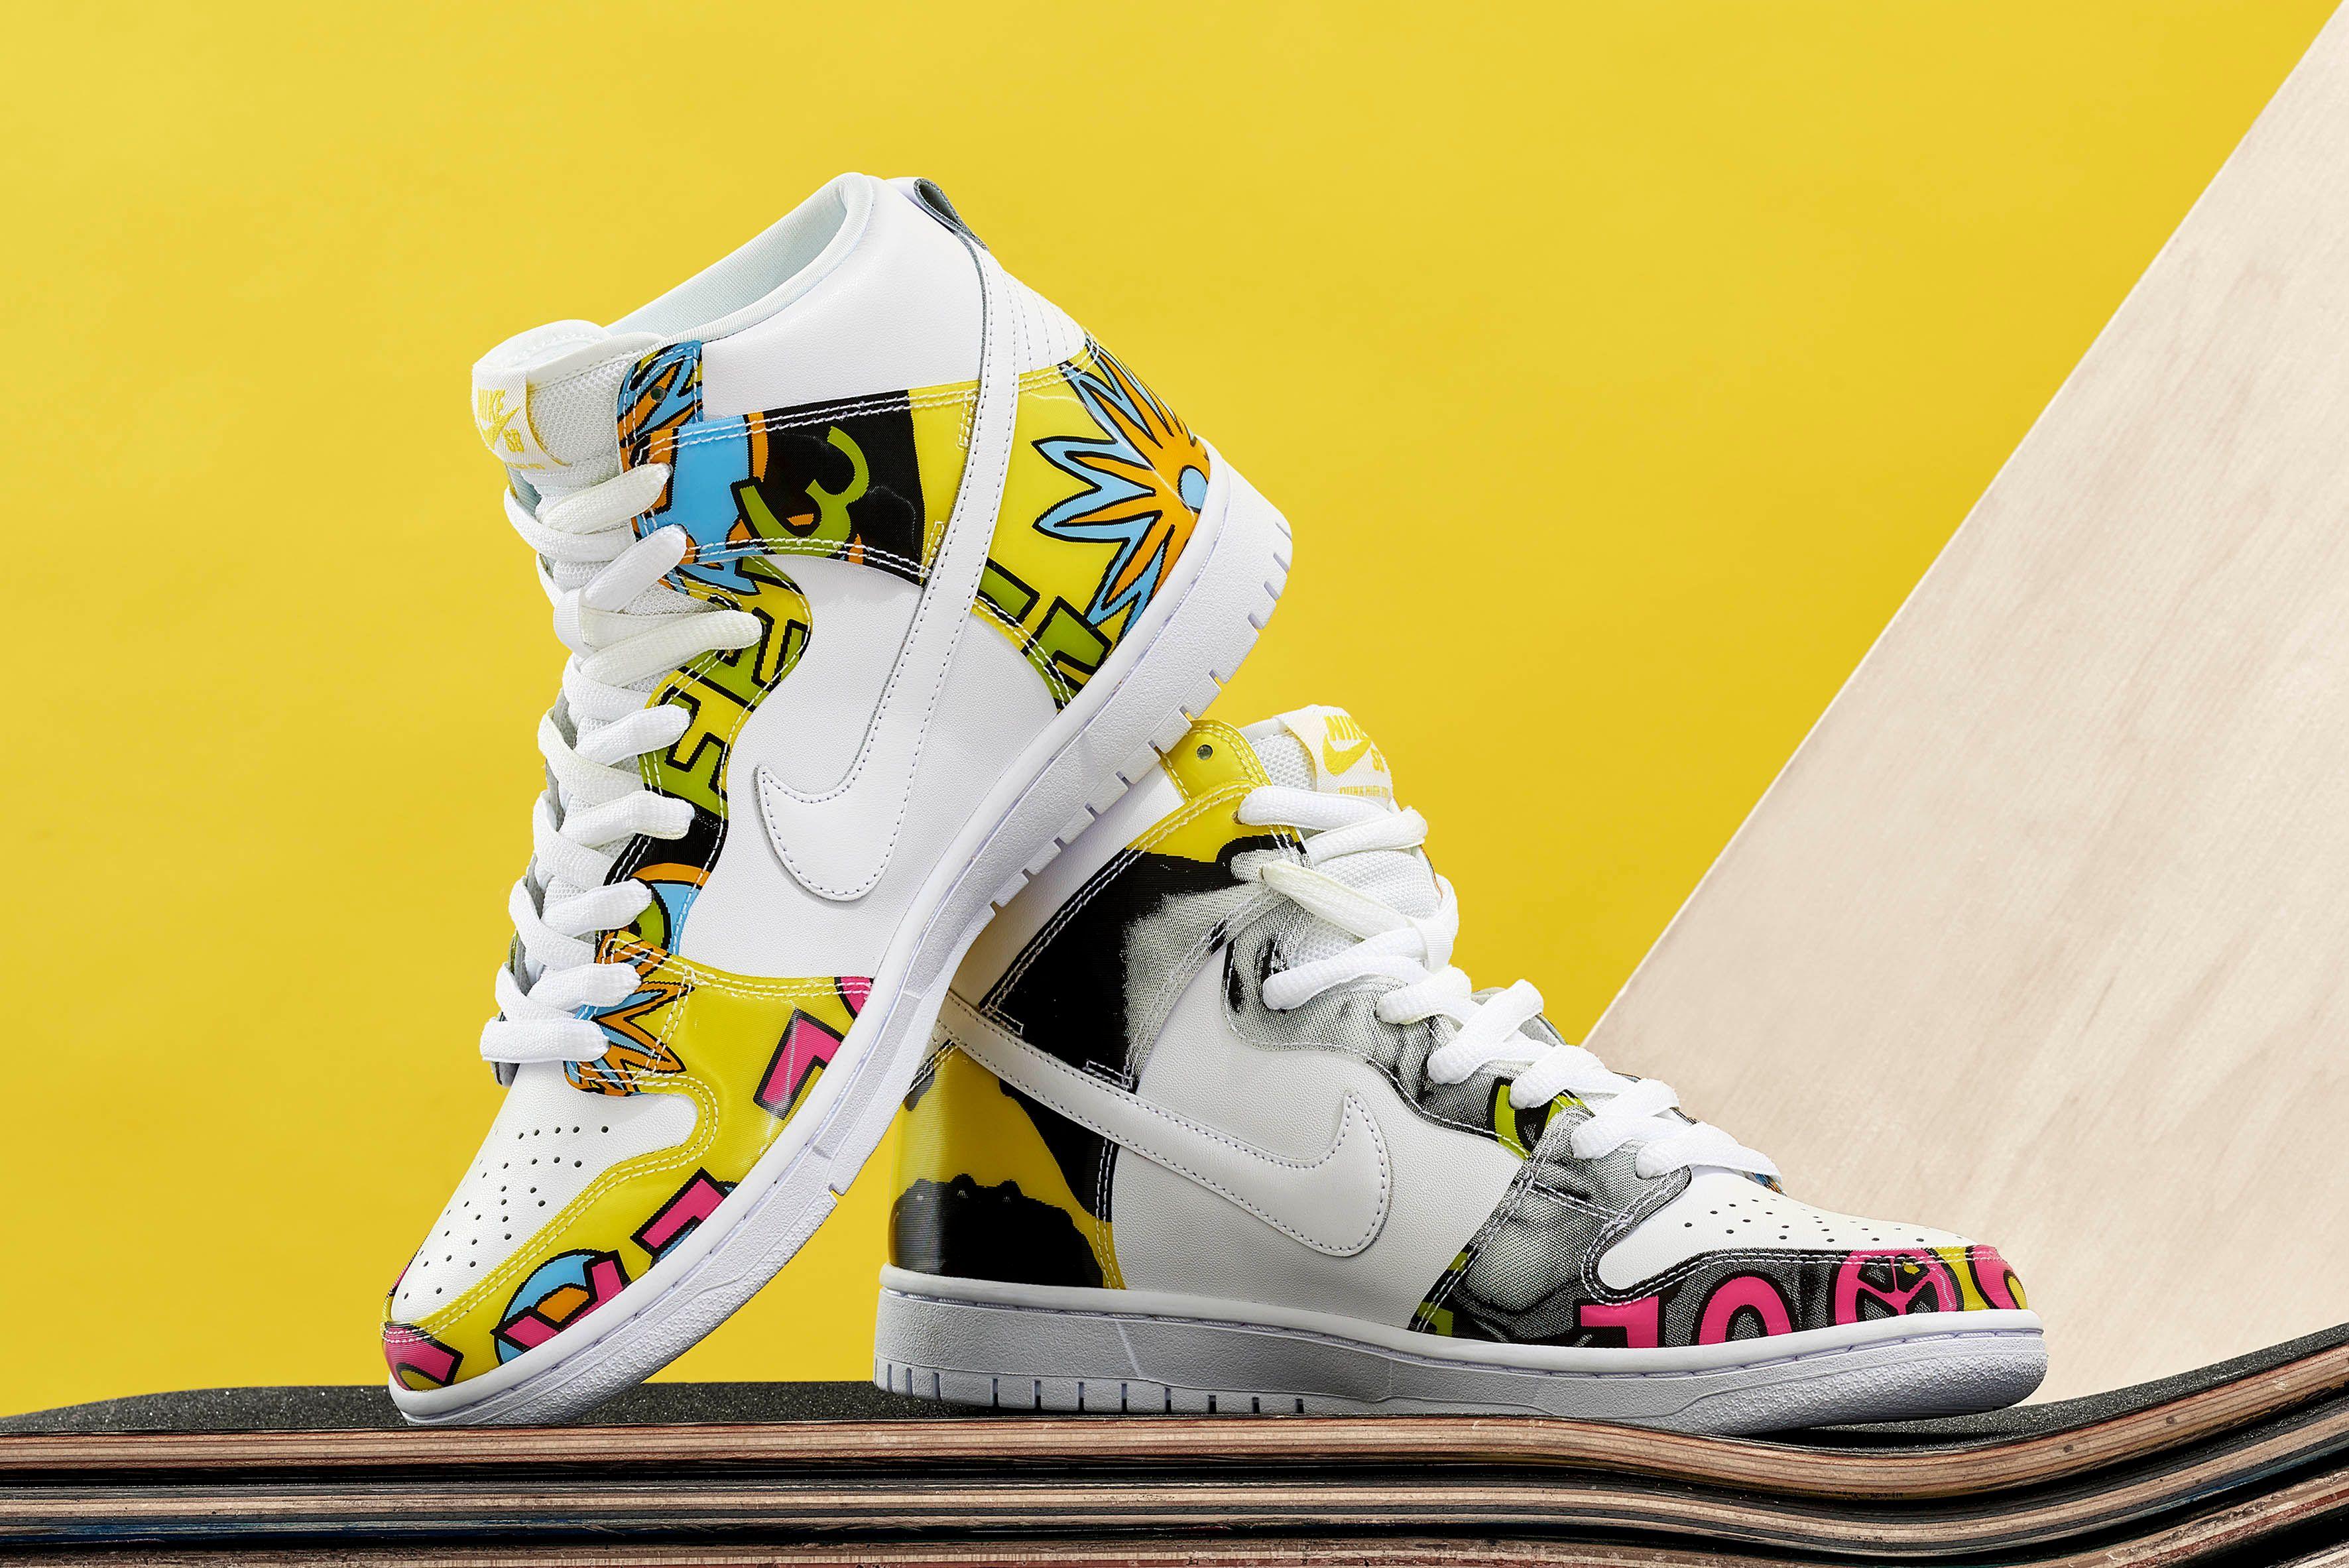 Nike SB x De La Soul Launches